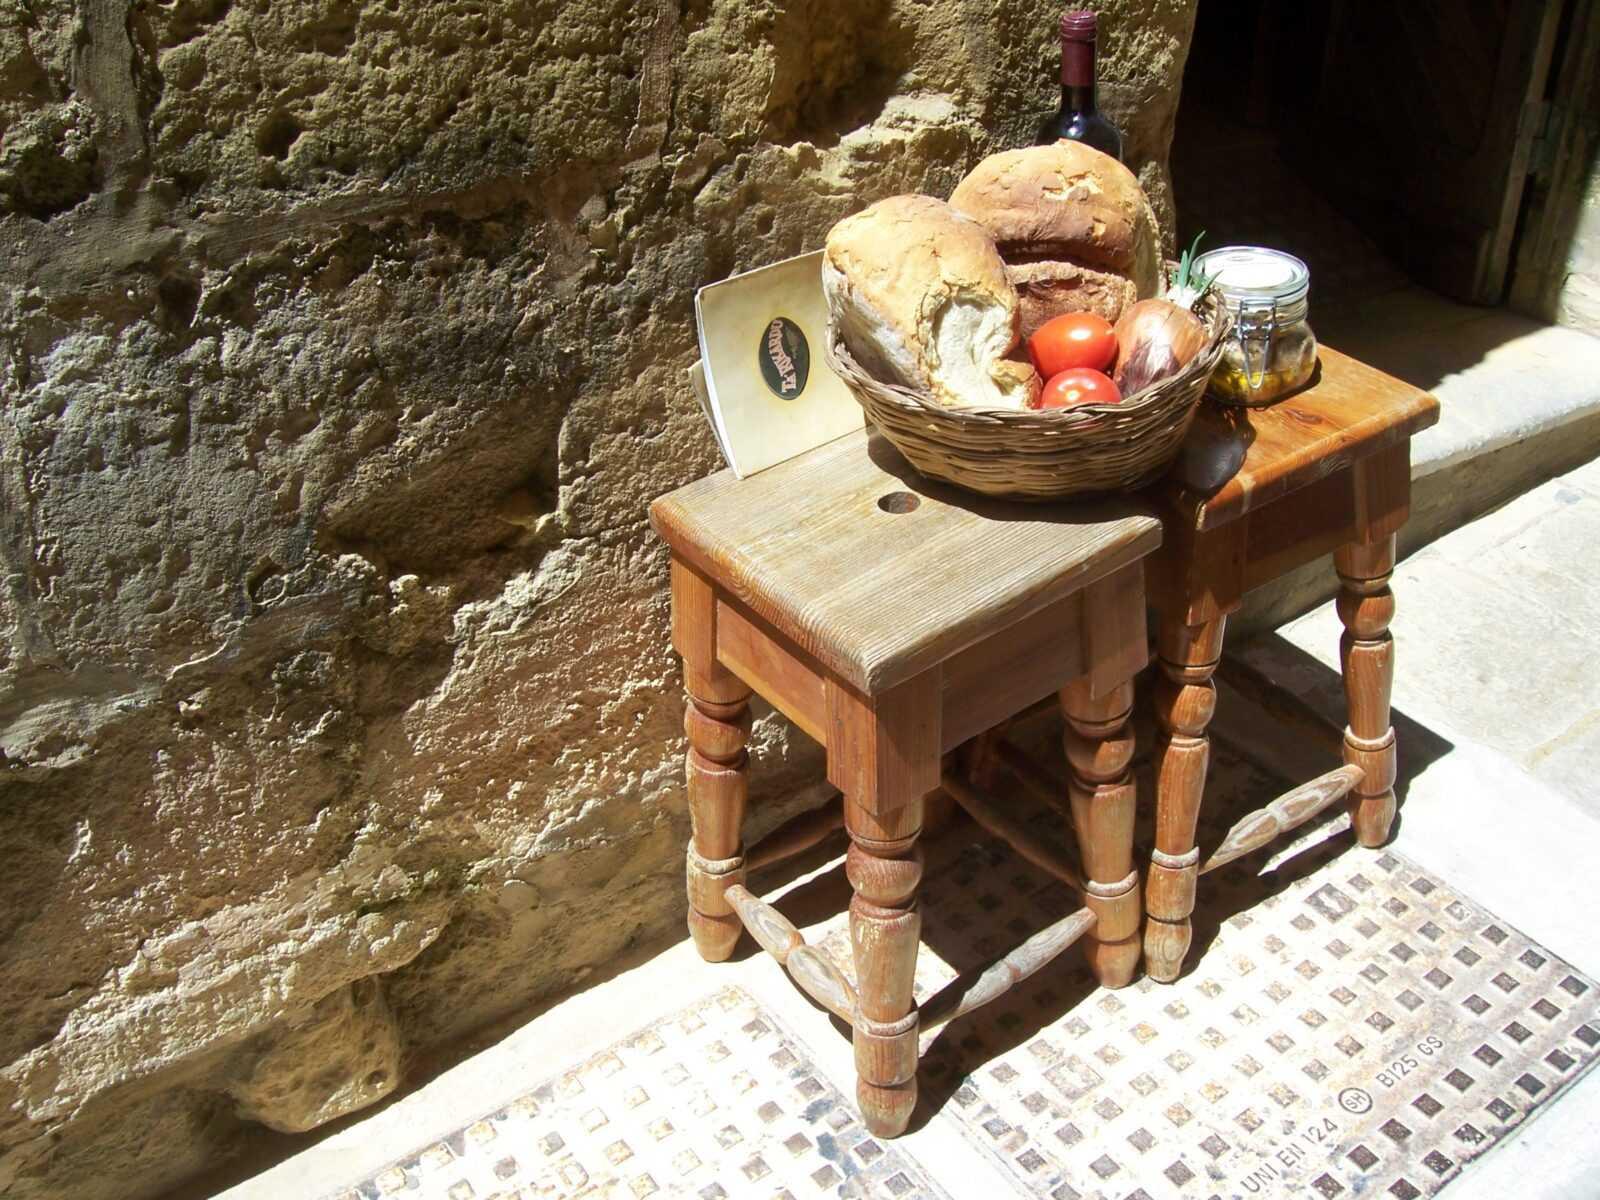 Essen und Trinken: Britisch, italienisch und eine Prise maltesisch